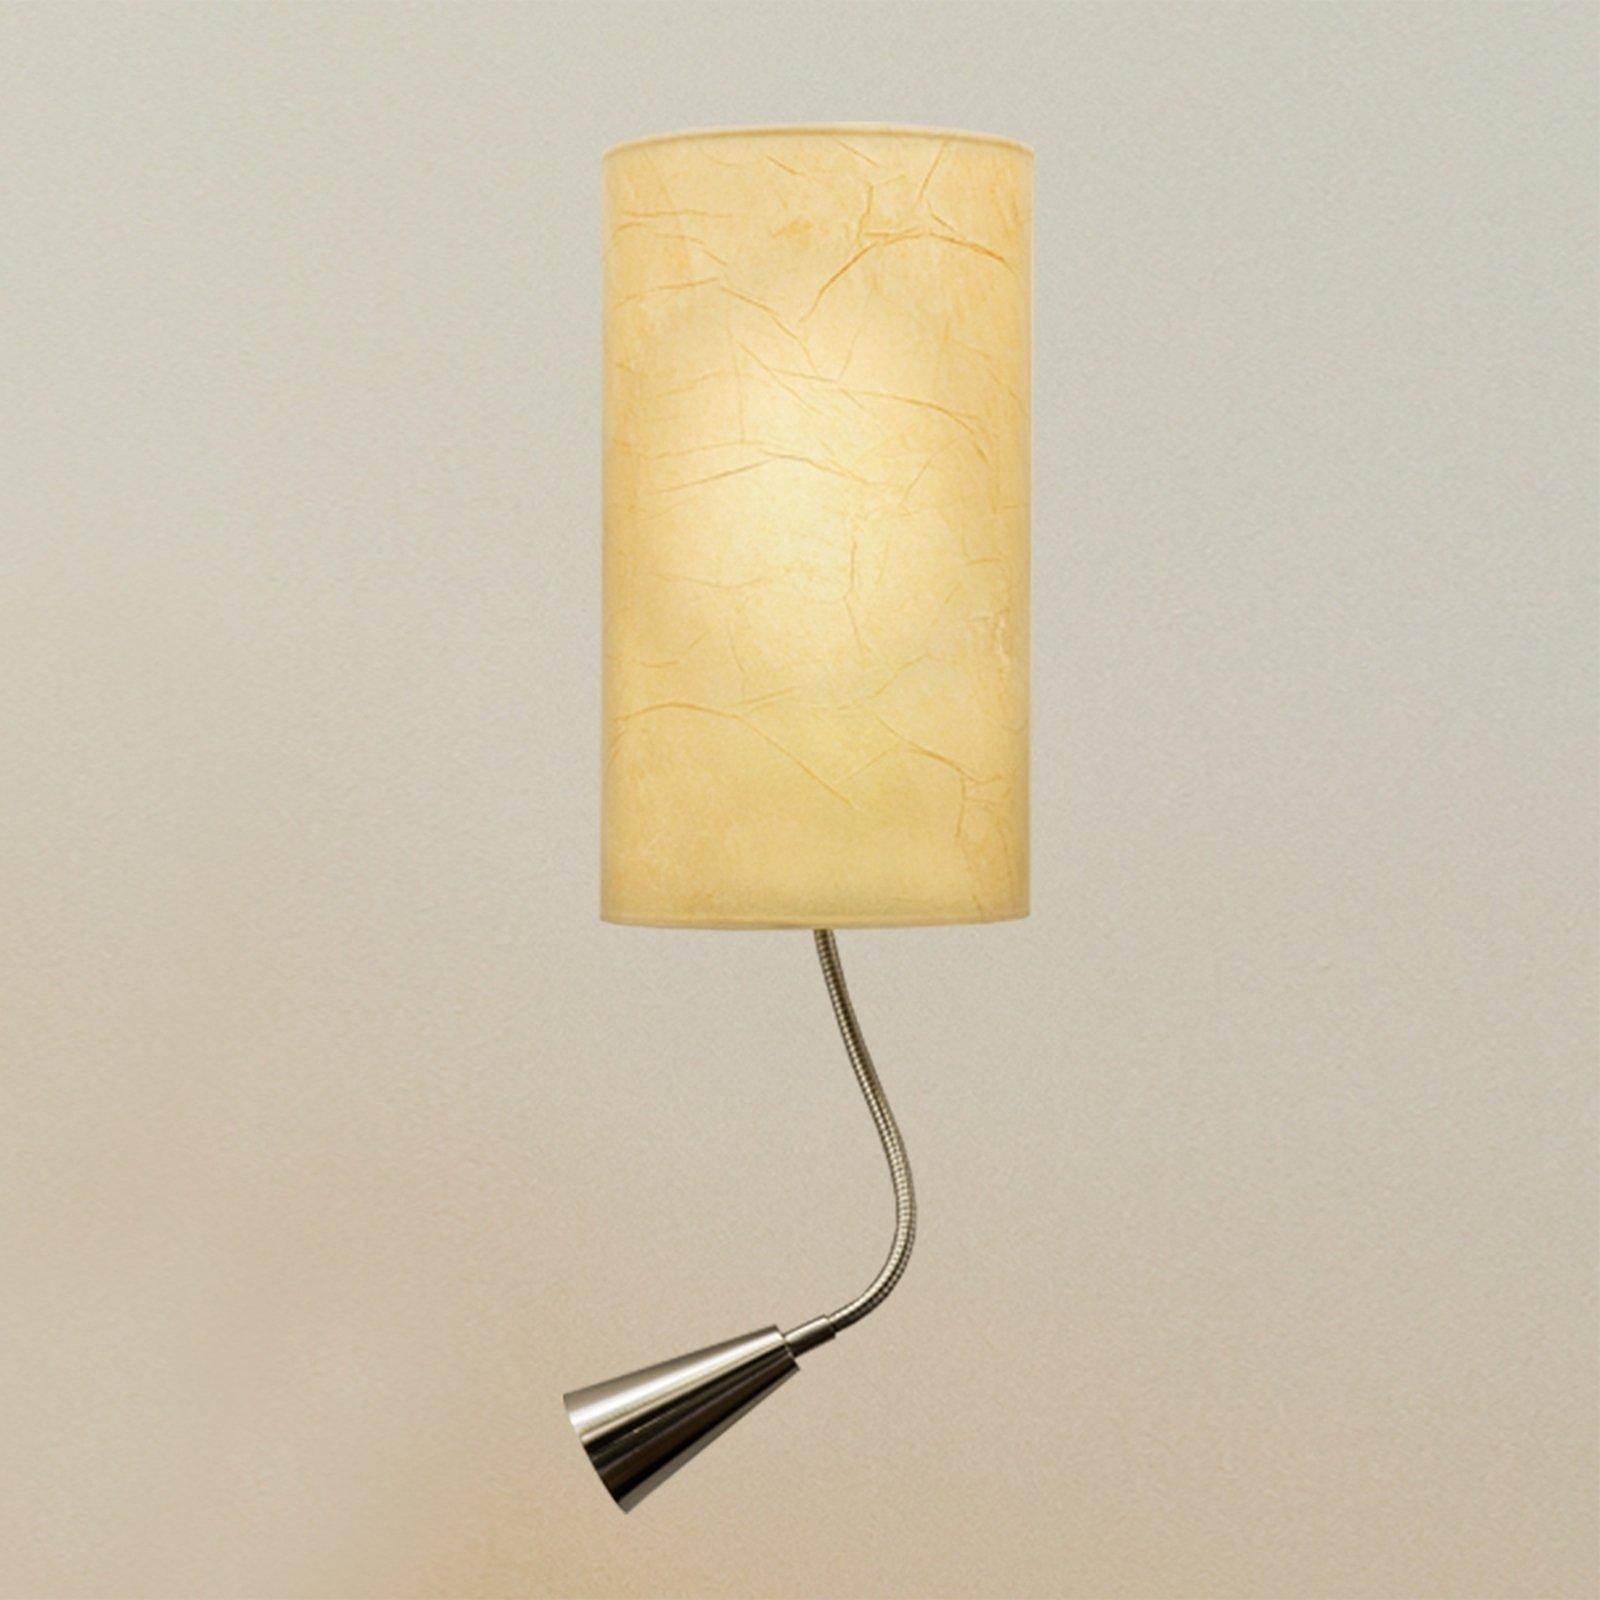 Melia vegglampe med integrert LED-leselys